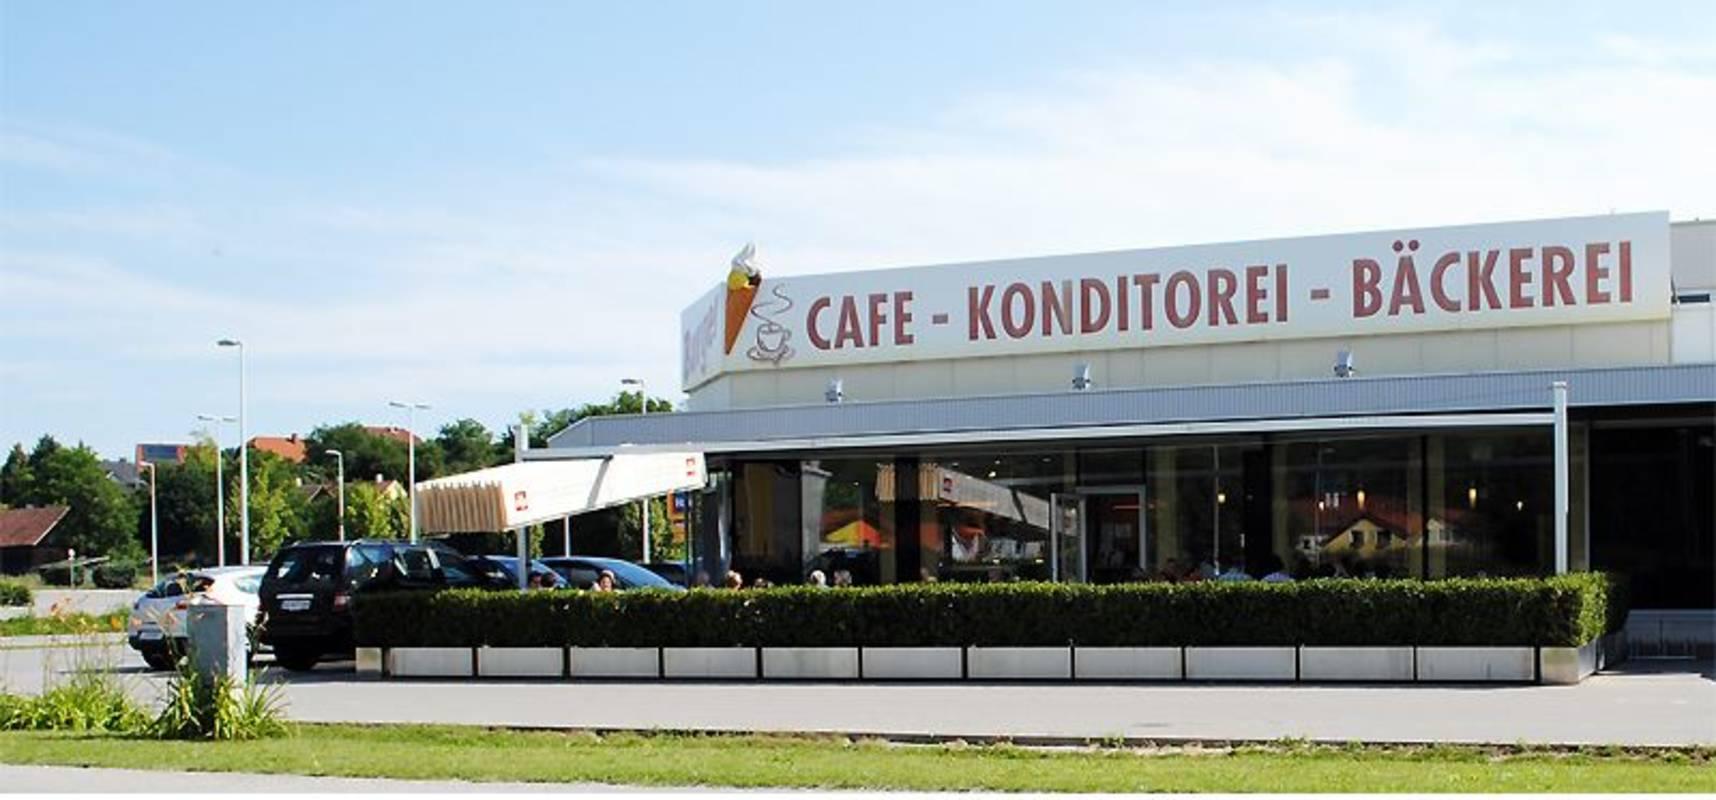 Cafe Bäckerei Burger